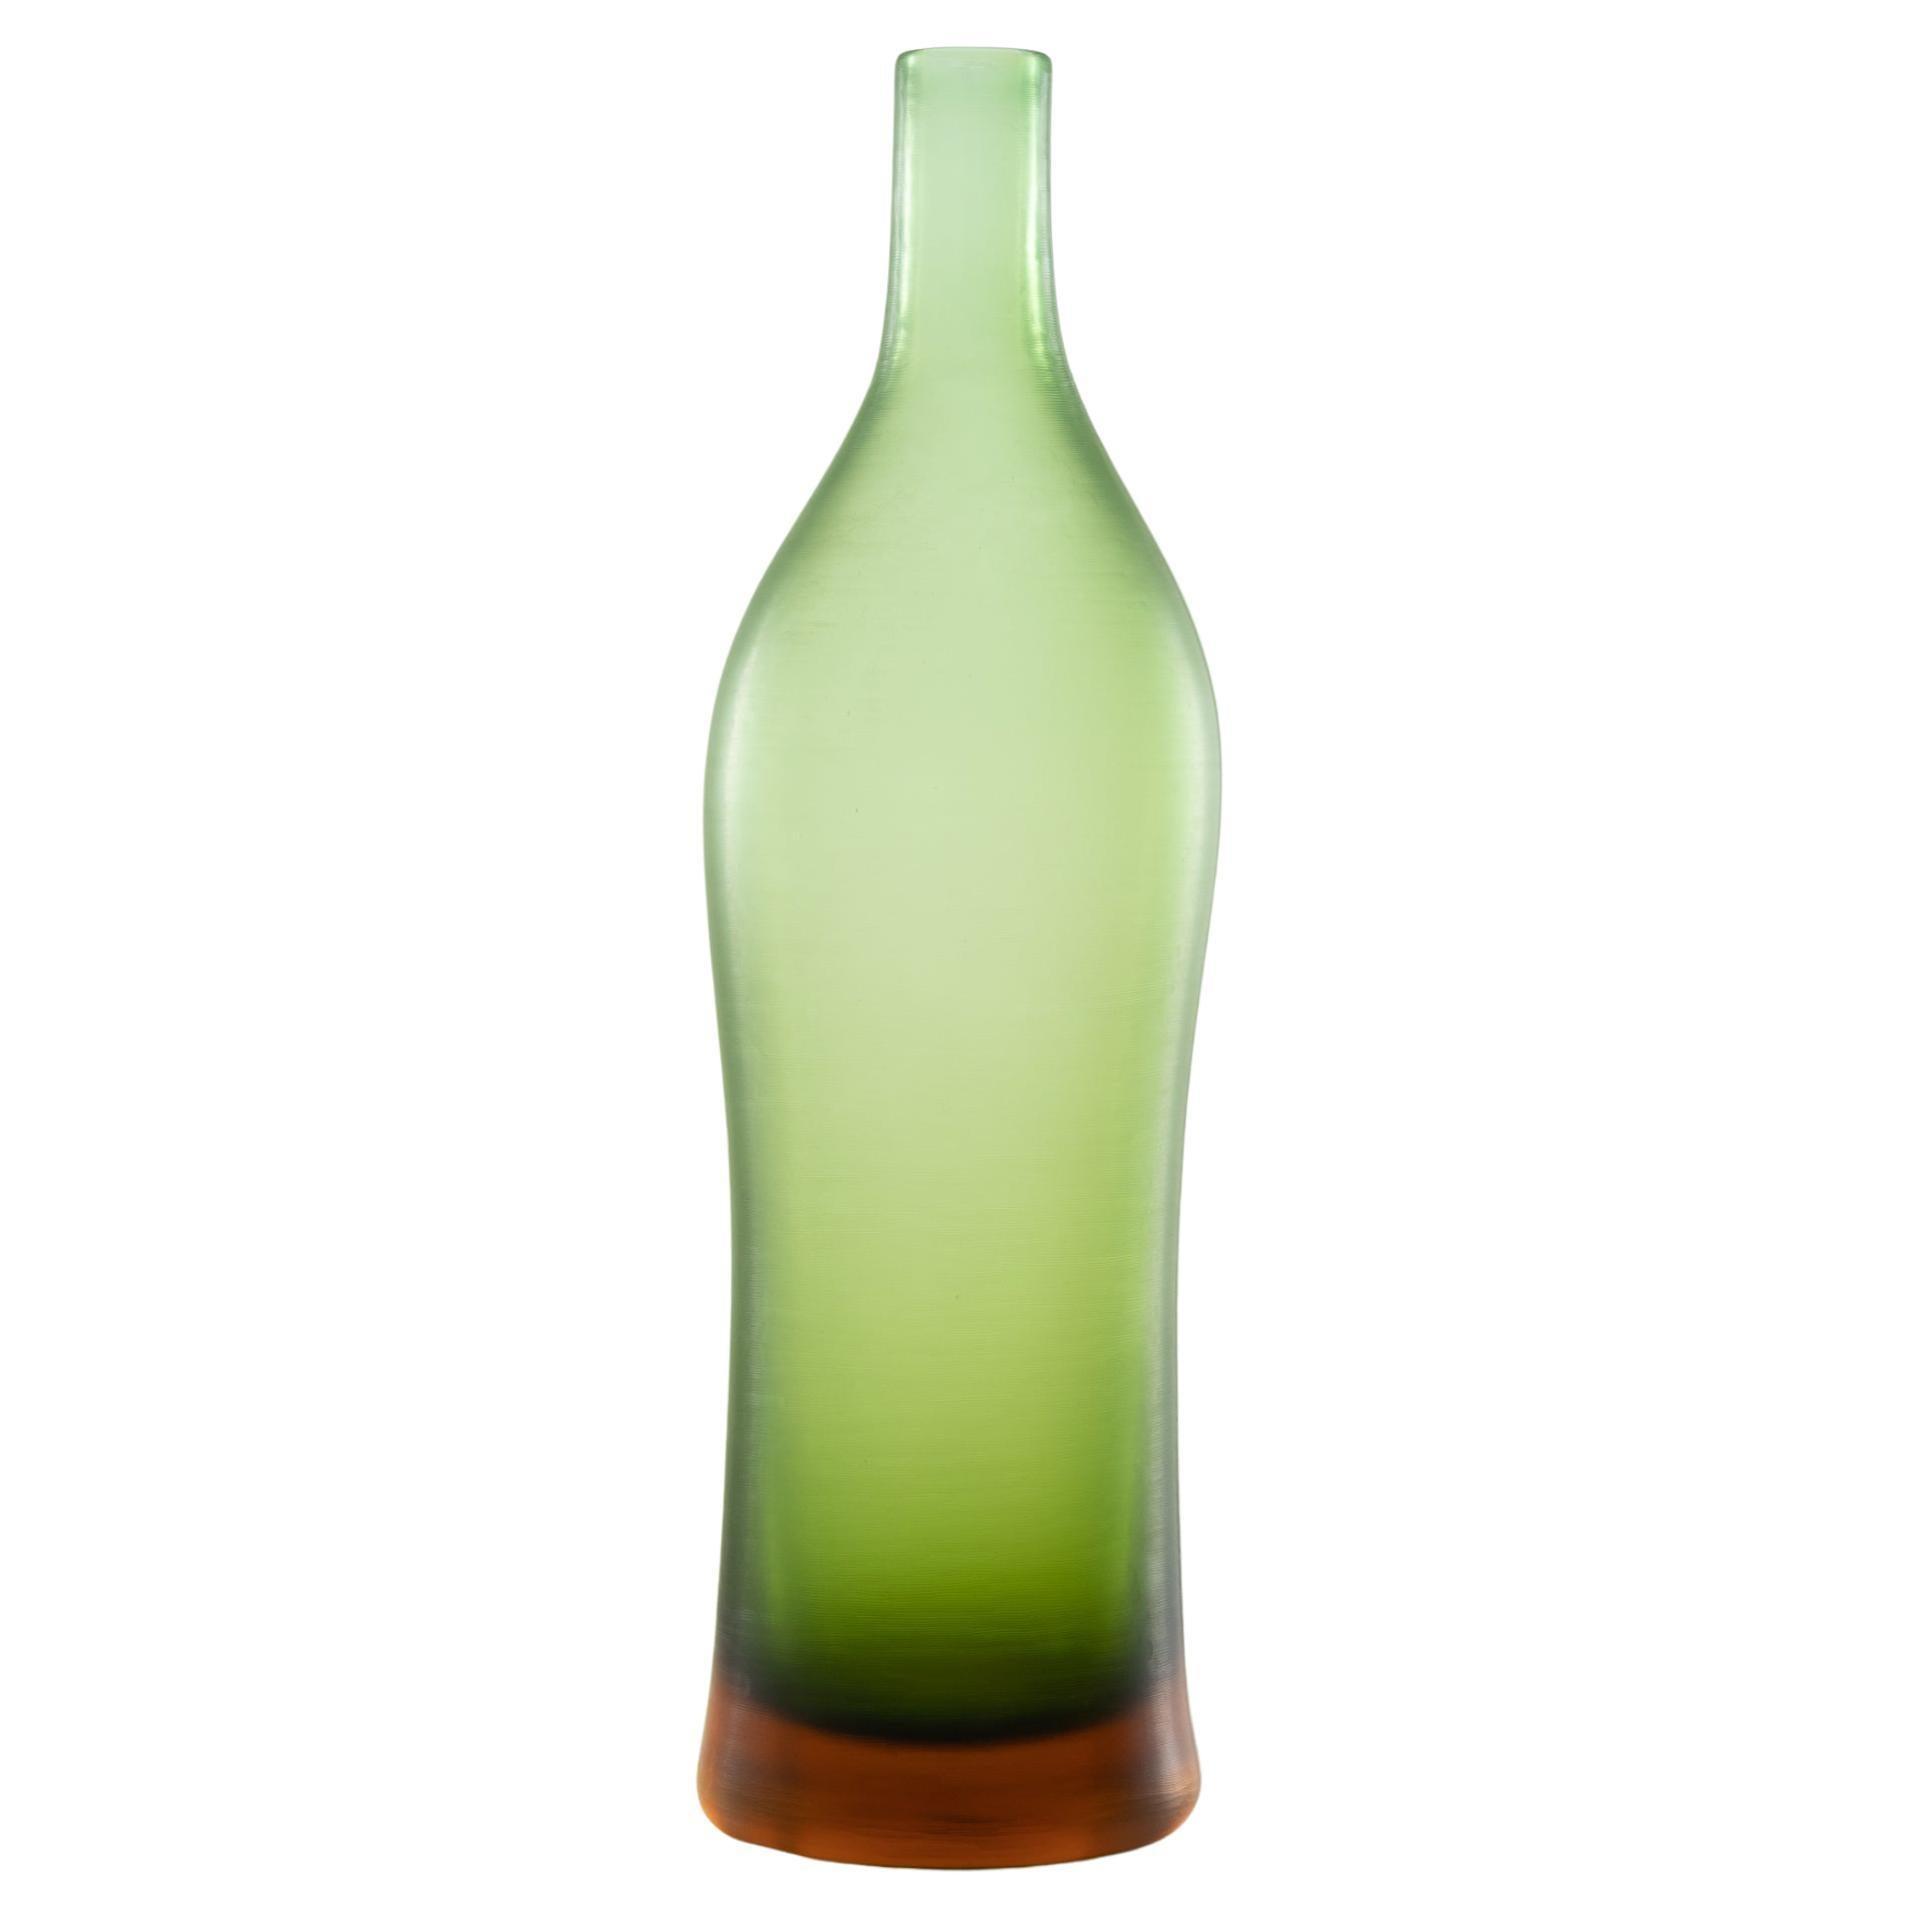 Inciso Bottled Vase by Paolo Venini, Venini, Italy